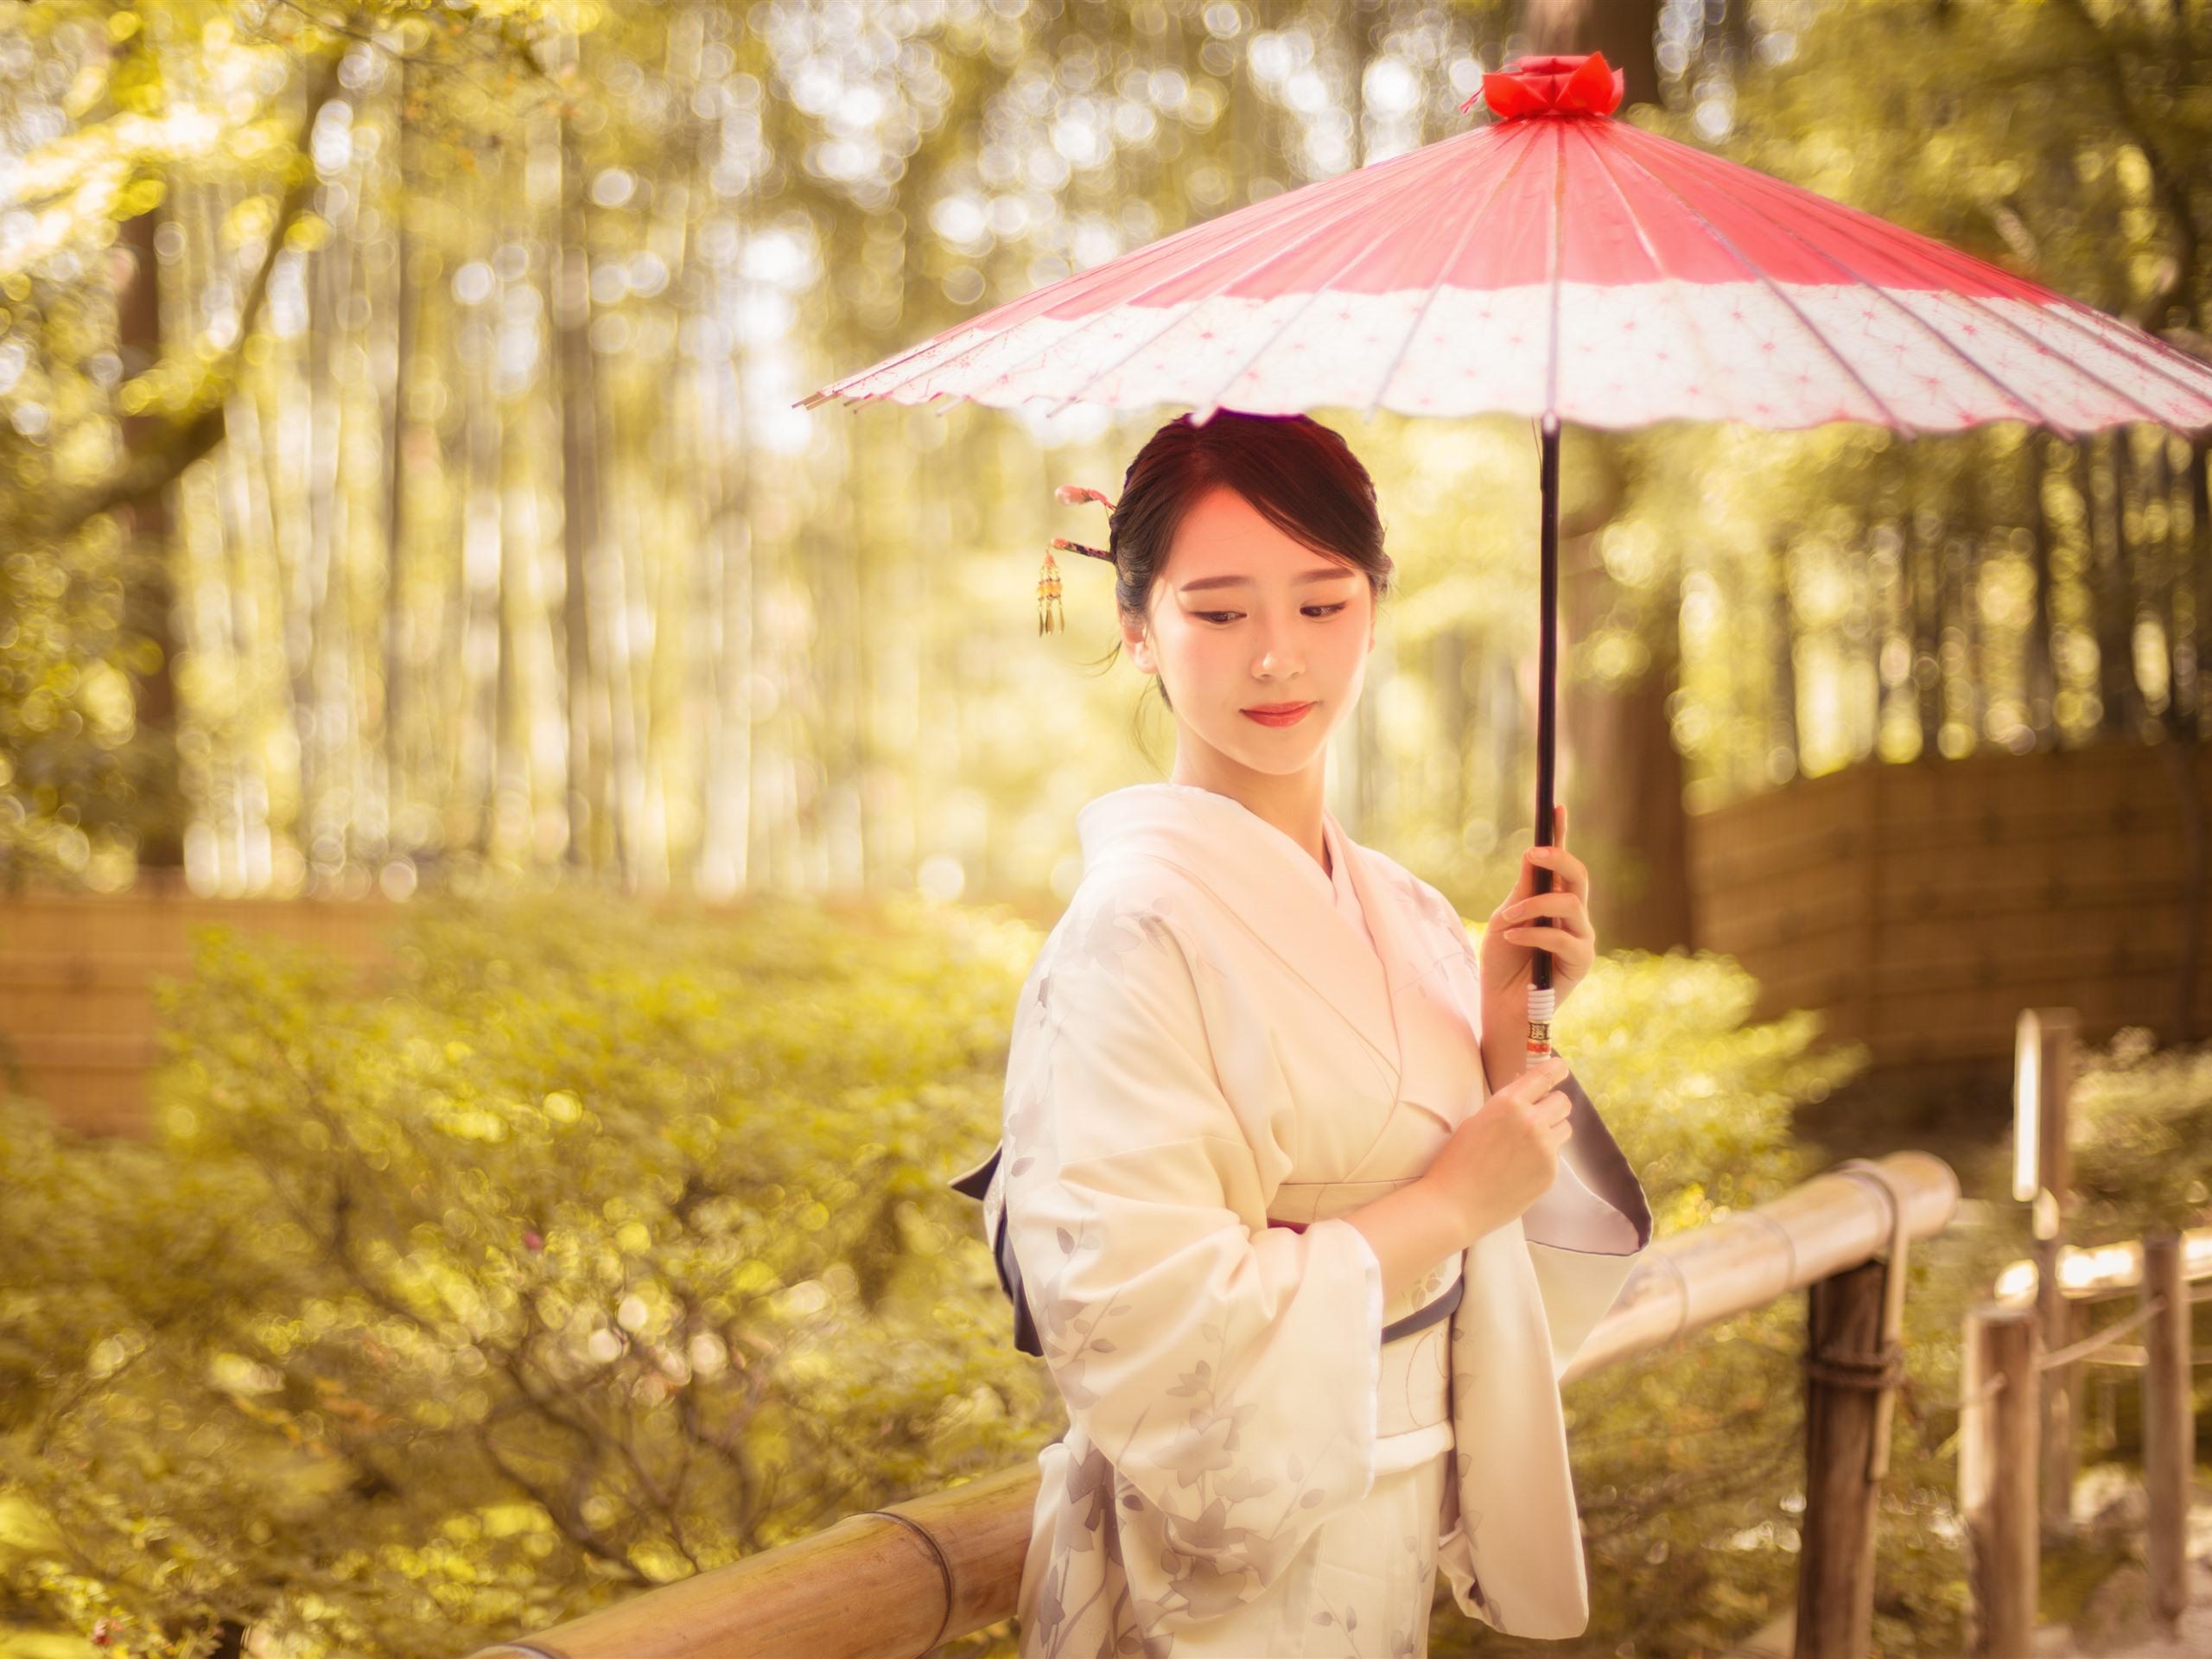 красивые японки с зонтами картинки праздник объединяет славное